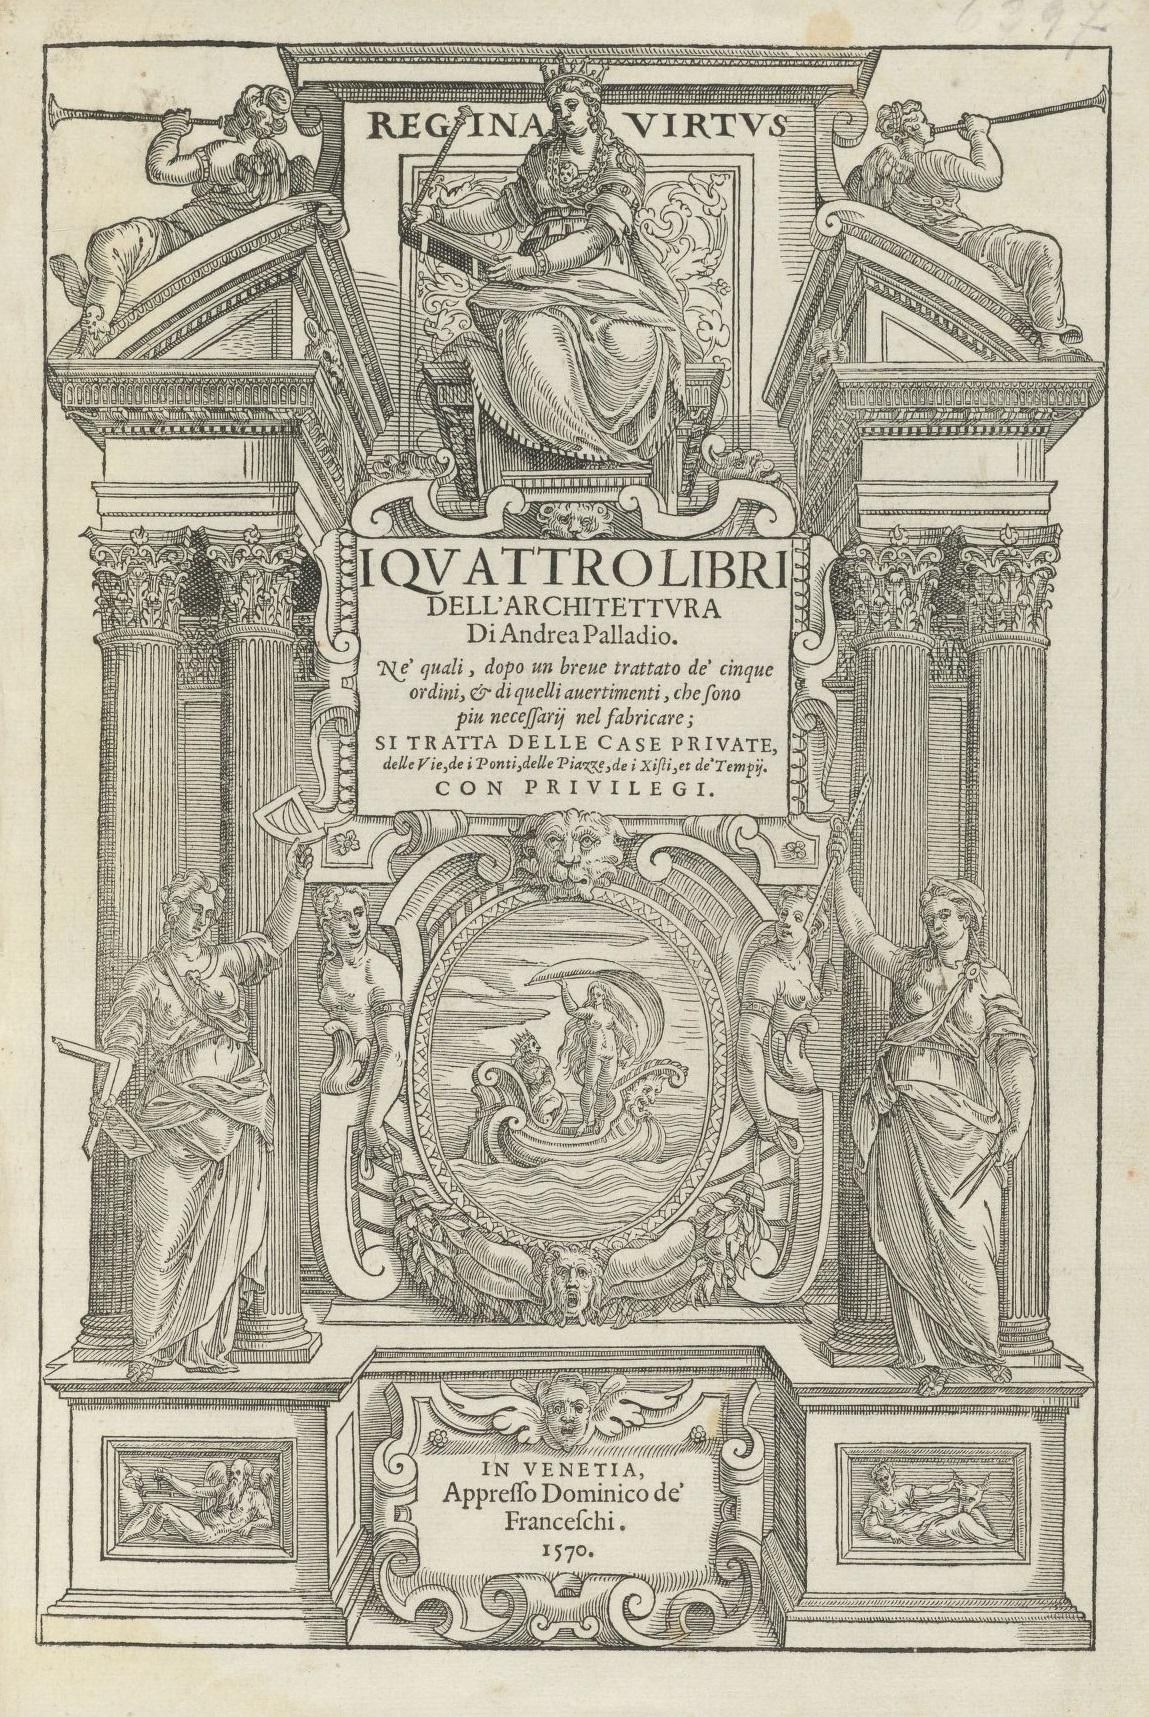 The frontispiece of 'The Four Books' by Italian Architect, Andrea Palladio - Venice, 1570 - Publisher in Venice: Domenico del Franceschi 'Regina Vertus'